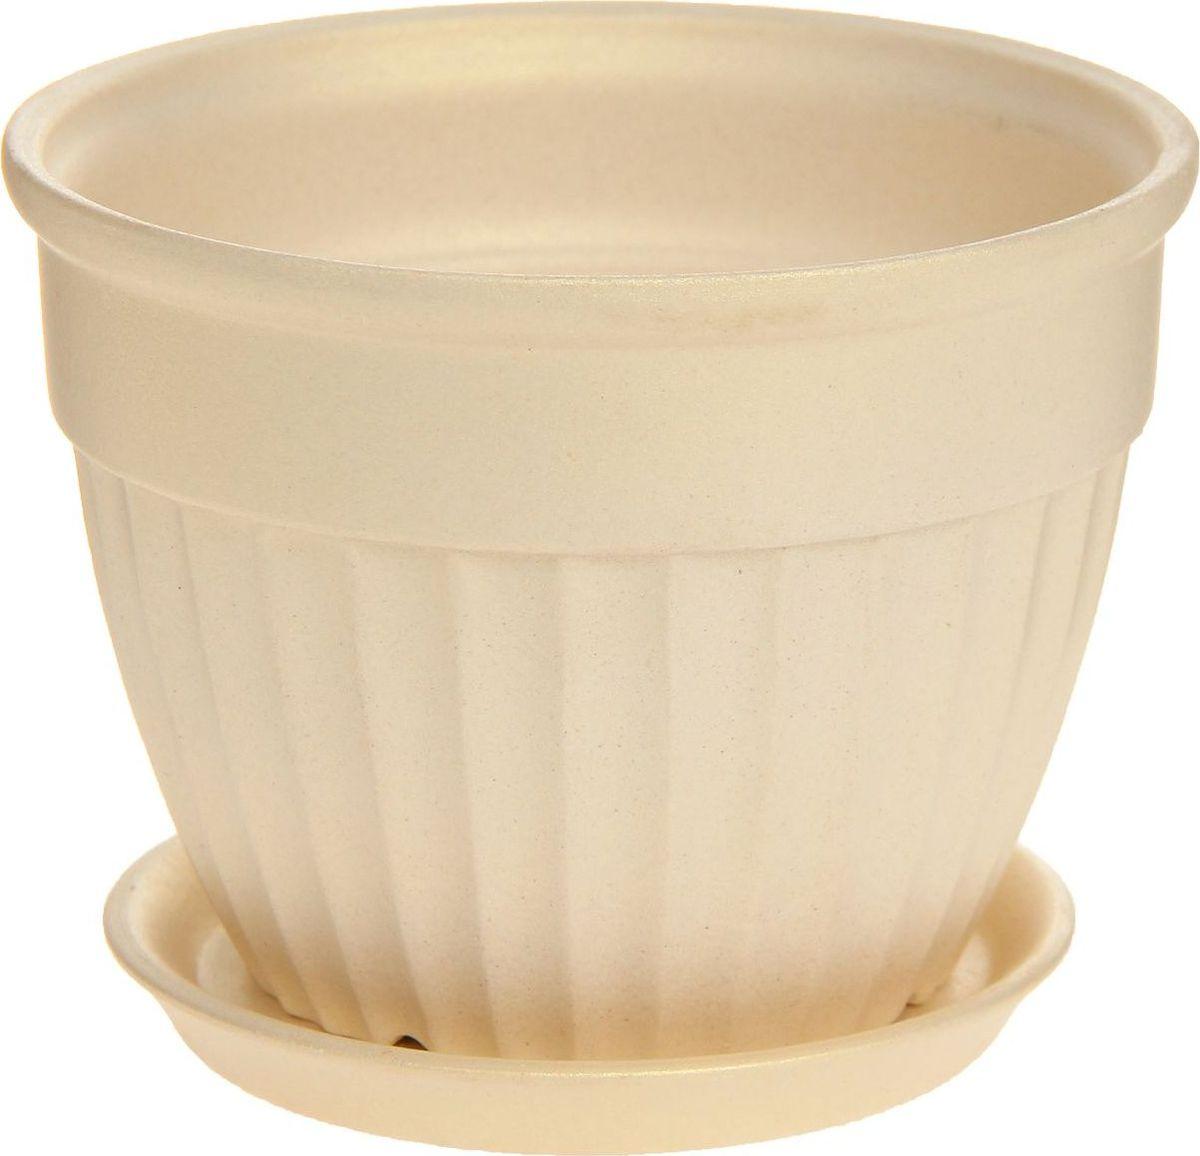 Кашпо Керамика ручной работы Ромашка, цвет: перламутровый, 0,5 л1170386Комнатные растения — всеобщие любимцы. Они радуют глаз, насыщают помещение кислородом и украшают пространство. Каждому из них необходим свой удобный и красивый дом. Кашпо из керамики прекрасно подходят для высадки растений: за счёт пластичности глины и разных способов обработки существует великое множество форм и дизайновпористый материал позволяет испаряться лишней влагевоздух, необходимый для дыхания корней, проникает сквозь керамические стенки! #name# позаботится о зелёном питомце, освежит интерьер и подчеркнёт его стиль.